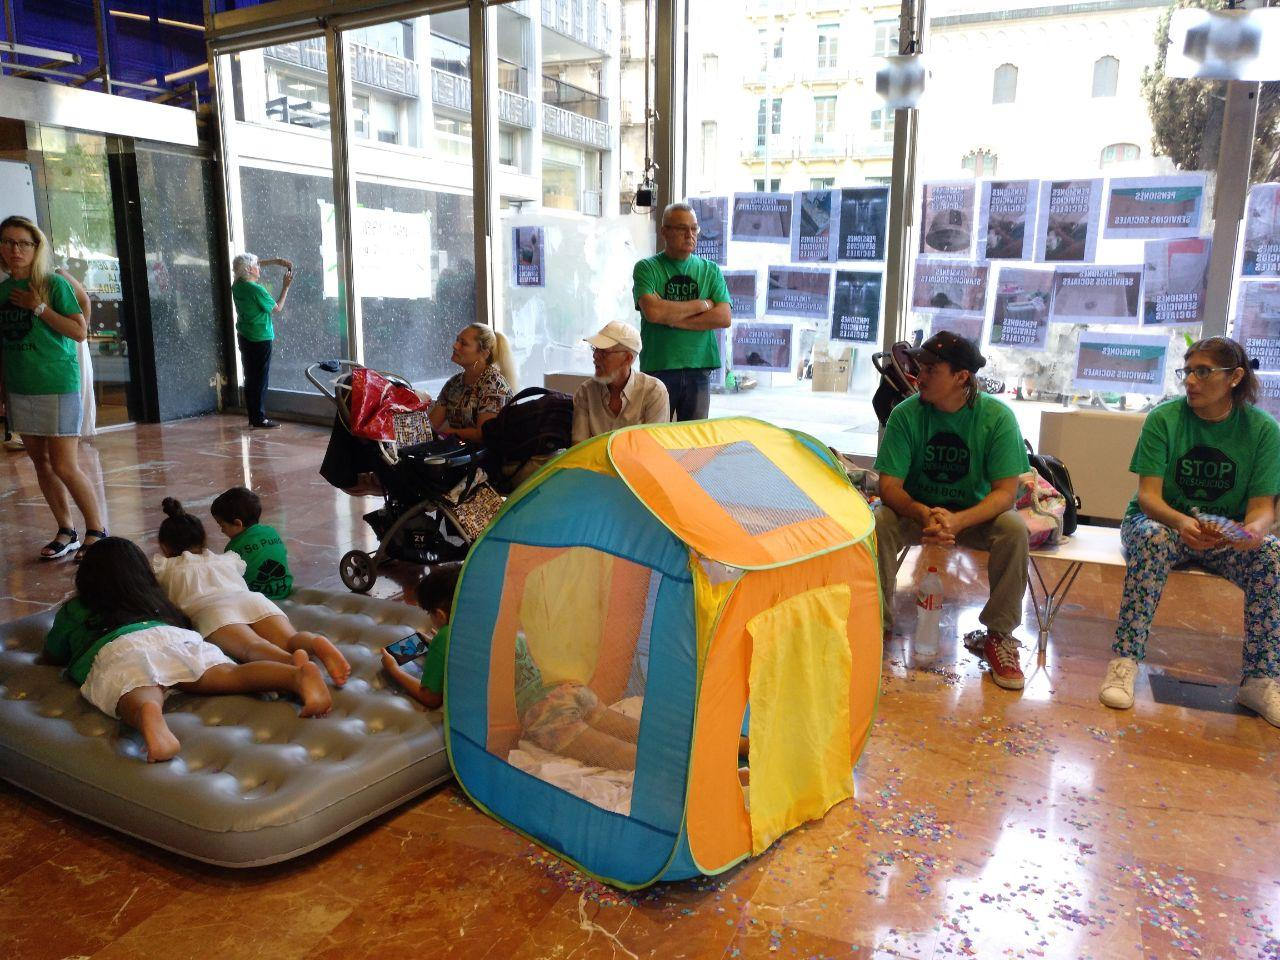 L'acampada de la PAH al vestíbul de l'Ajuntament de Barcelona / M.M.P.